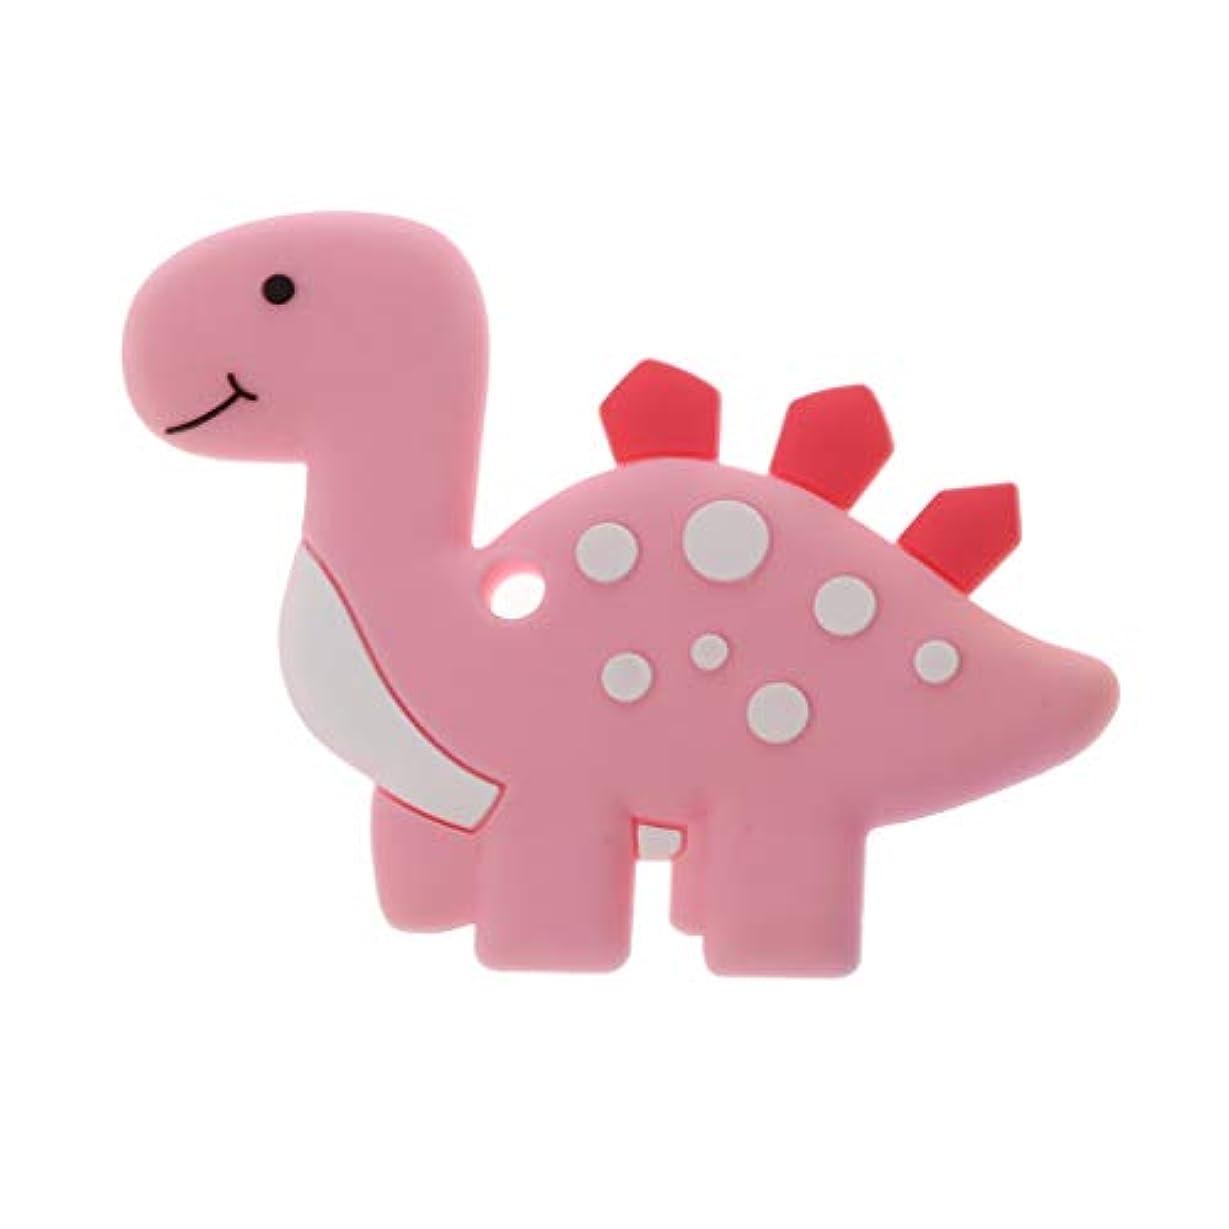 私たちの読みやすいシダLanddumシリコーンおしゃぶり恐竜おしゃべり赤ちゃん看護玩具かむ玩具歯が生えるガラガラおもちゃ - ロイヤルブルー